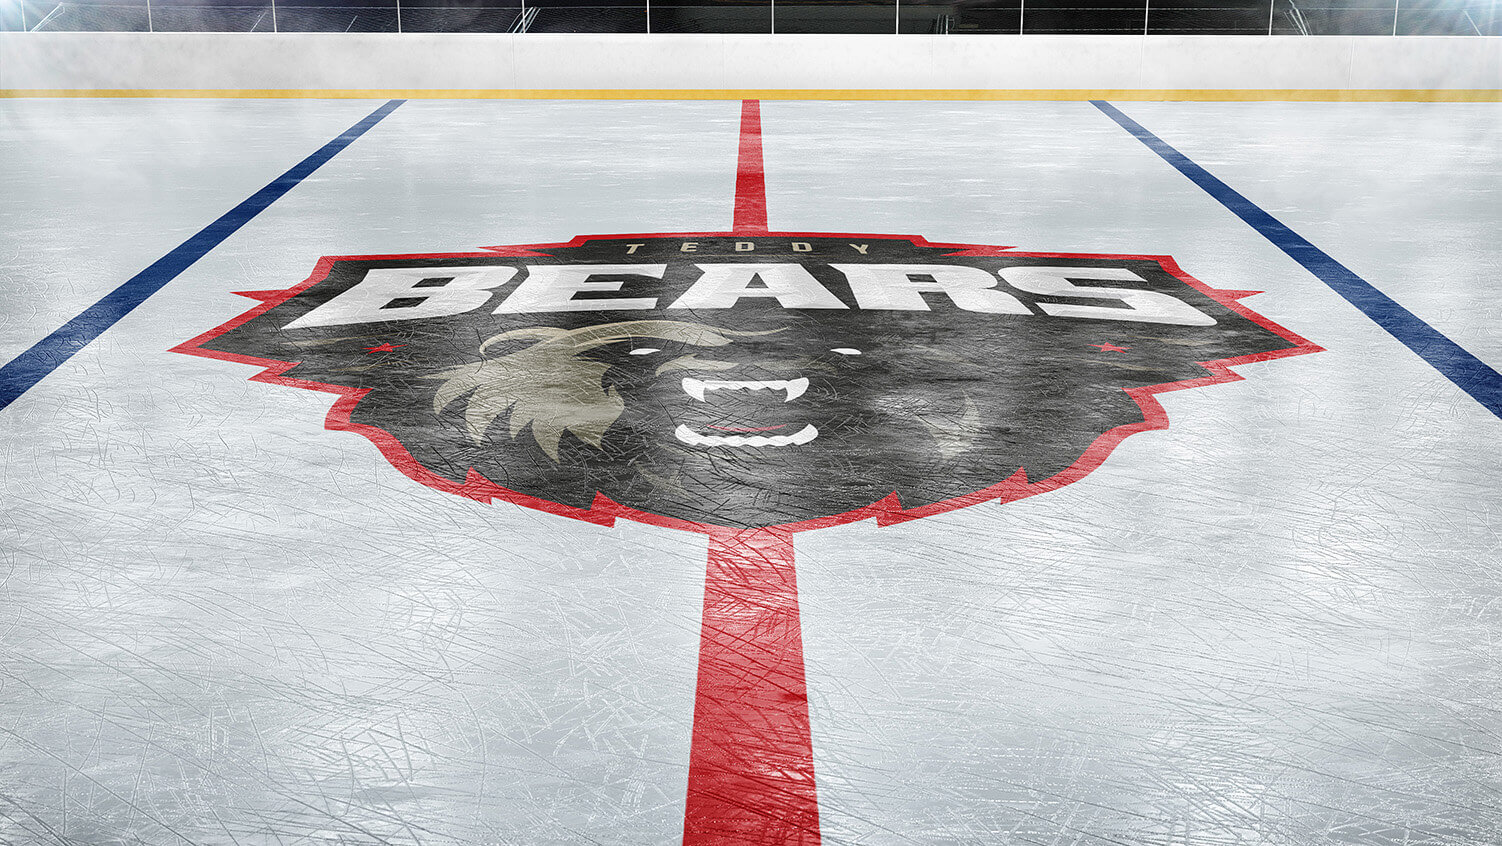 ice hockey rink photoshop logo mockup